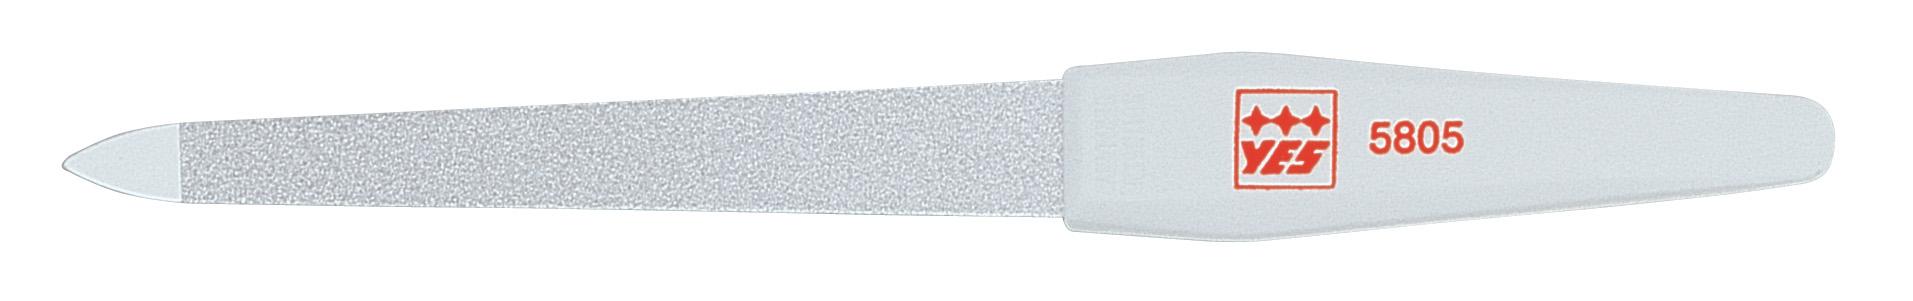 Becker-Manicure YES Пилочка 15см. 9580595805Пилочка для ногтей изготовлена из высокоуглеродистой стали. Пилочка имеет двухстороннее сапфировое напыление: более крупное с одной стороны для формирования формы и мелкое с другой для завершения шлифовки ногтя. Длина пилочки 15 см.Хранить в сухом недоступном для детей месте. Замена изделия не осуществляется в следующих случаях:- Использование не по назначению- Самостоятельный ремонт- Нарушение условий хранения